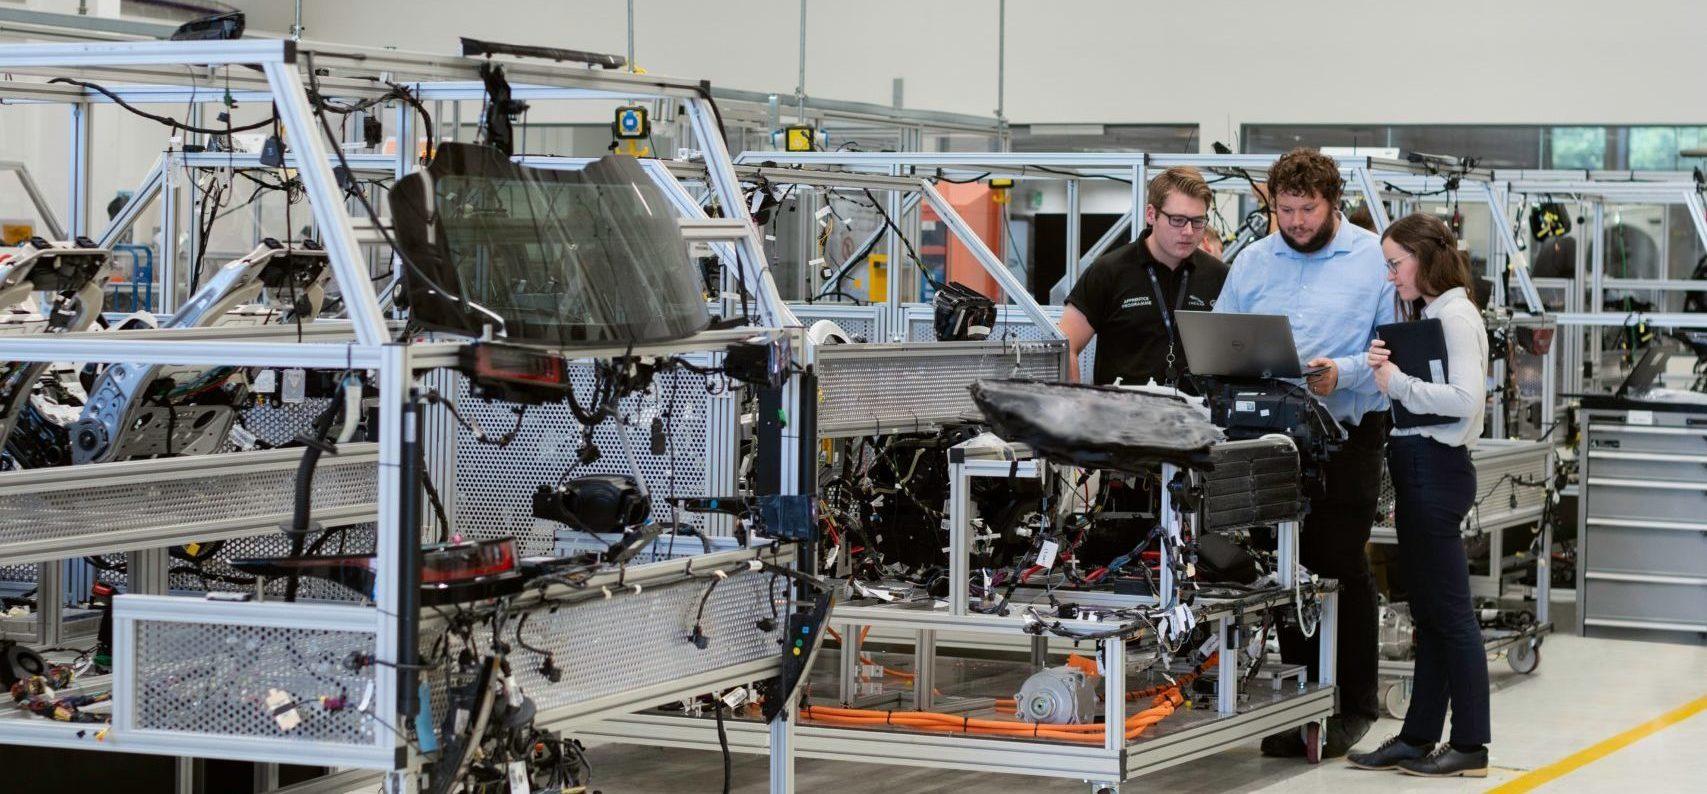 Teamarbeit für die Weiterentwicklung und Digitalisierung von Dienstleistungen und Produktionen